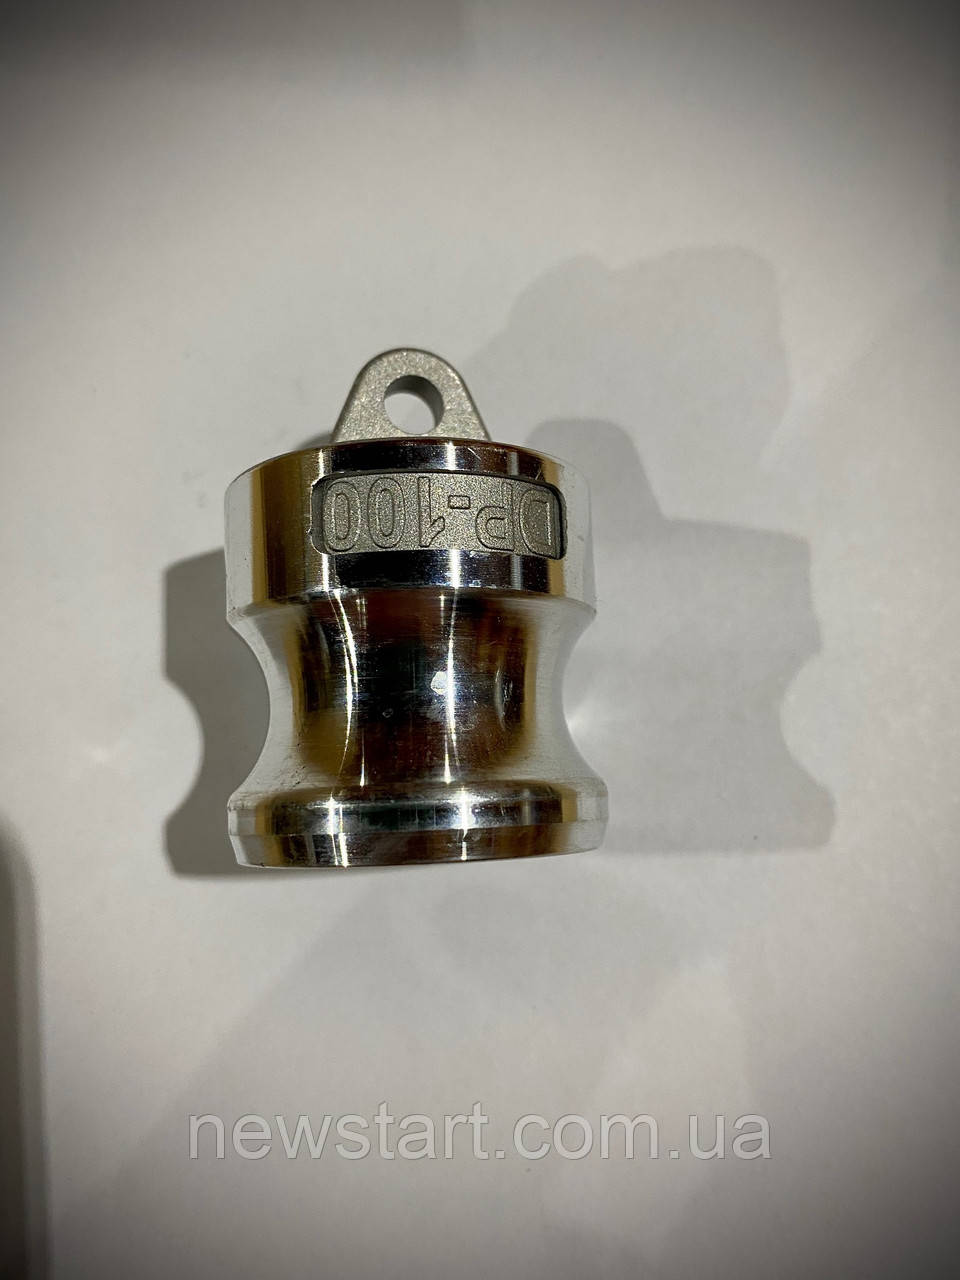 Камлок заглушка (camlock) алюміній тип DP